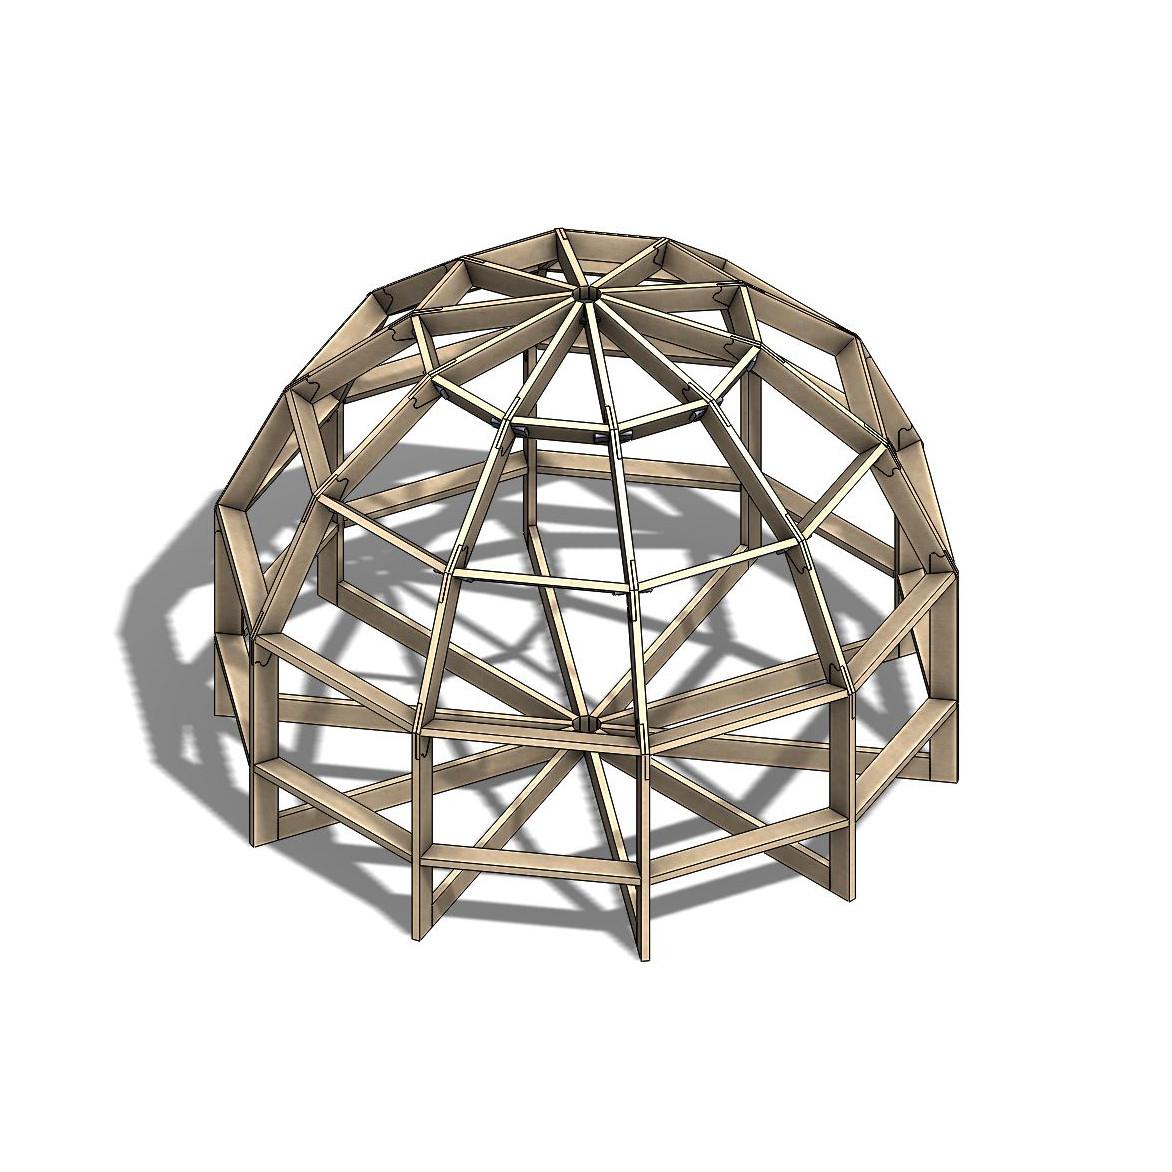 Каркас купольной бани Добросфера модель Z4